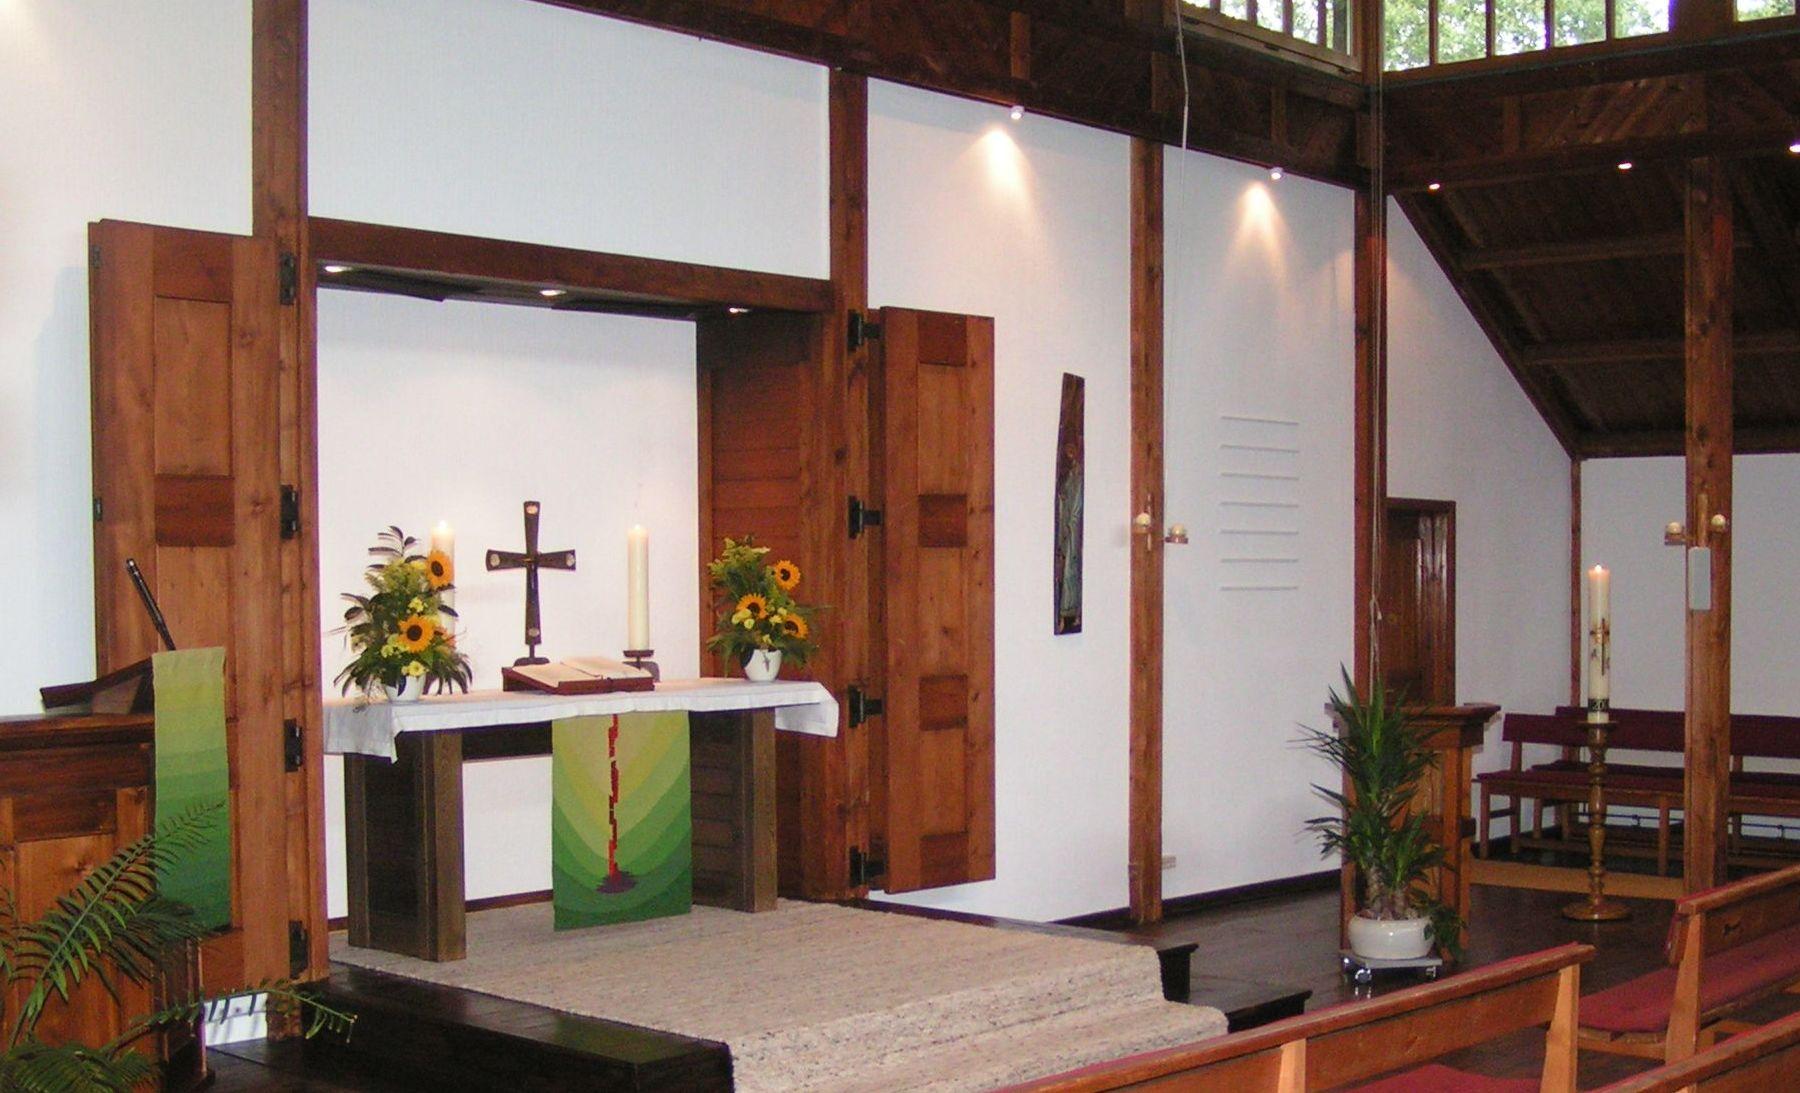 Ev.-luth. Pauluskirche Geeste-Dalum.jpg